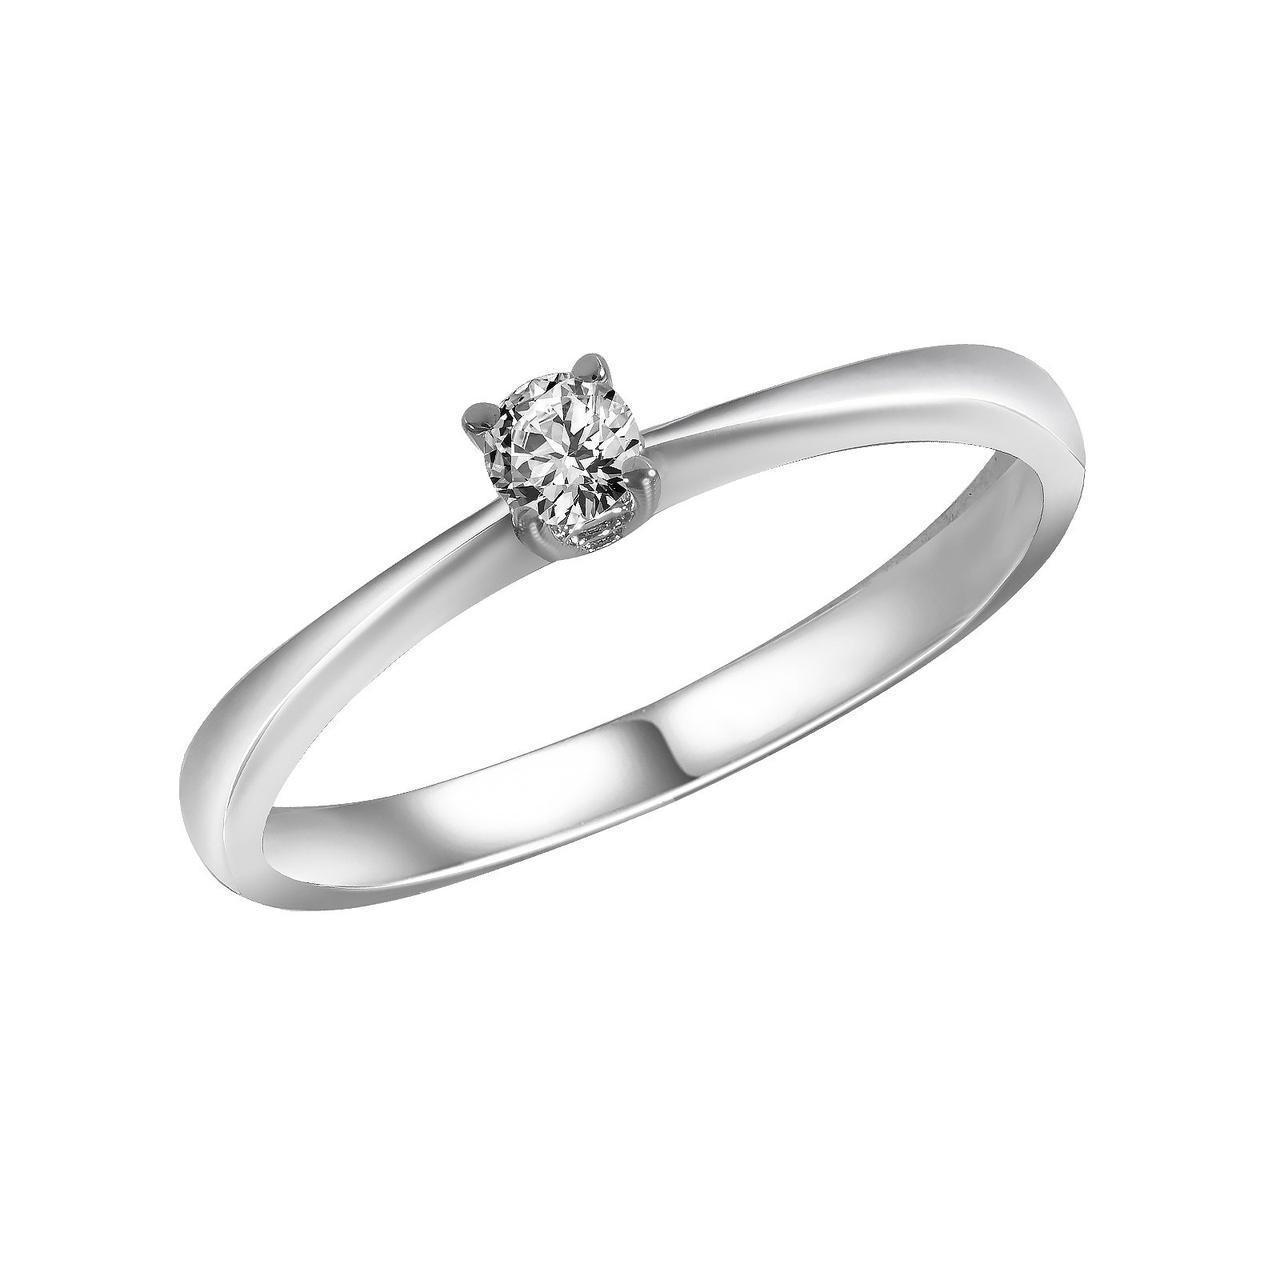 Золотое кольцо с бриллиантом, размер 17.5 (700028)